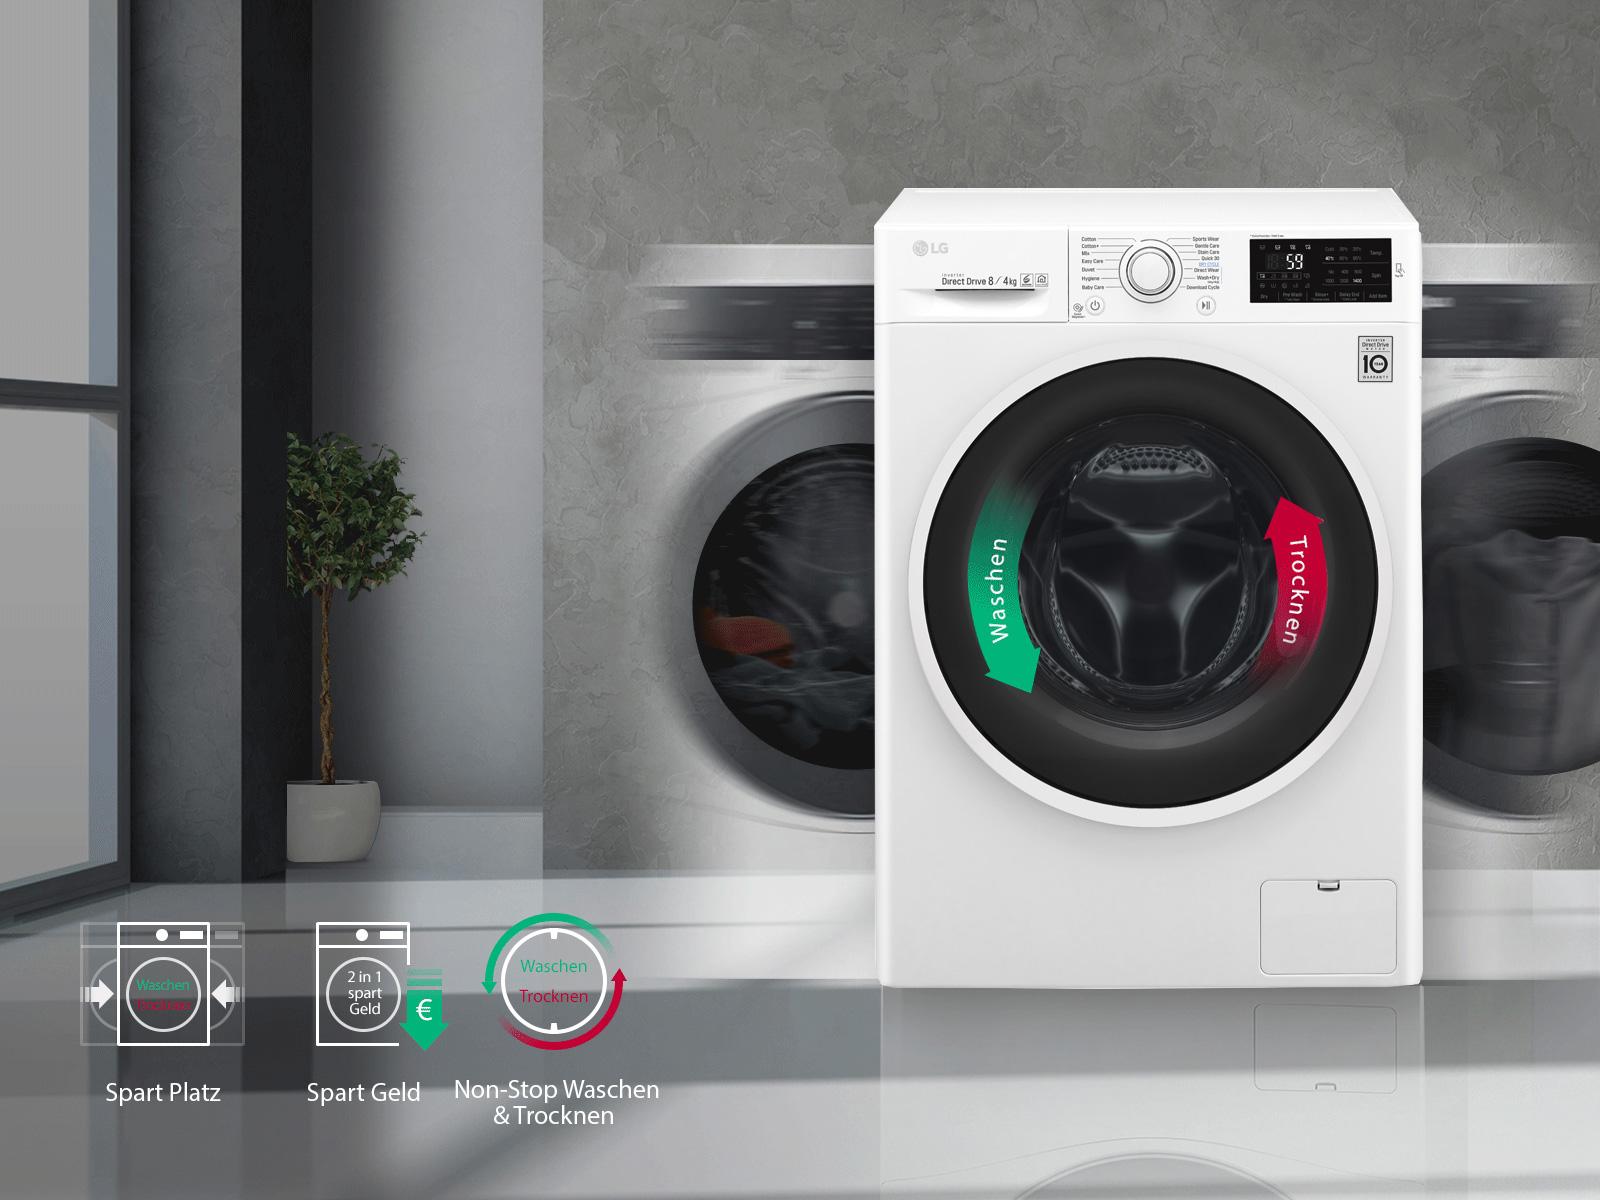 Waschtrockner Nonstop : Lg waschtrockner mit nfc und motion directdrive™ lg deutschland